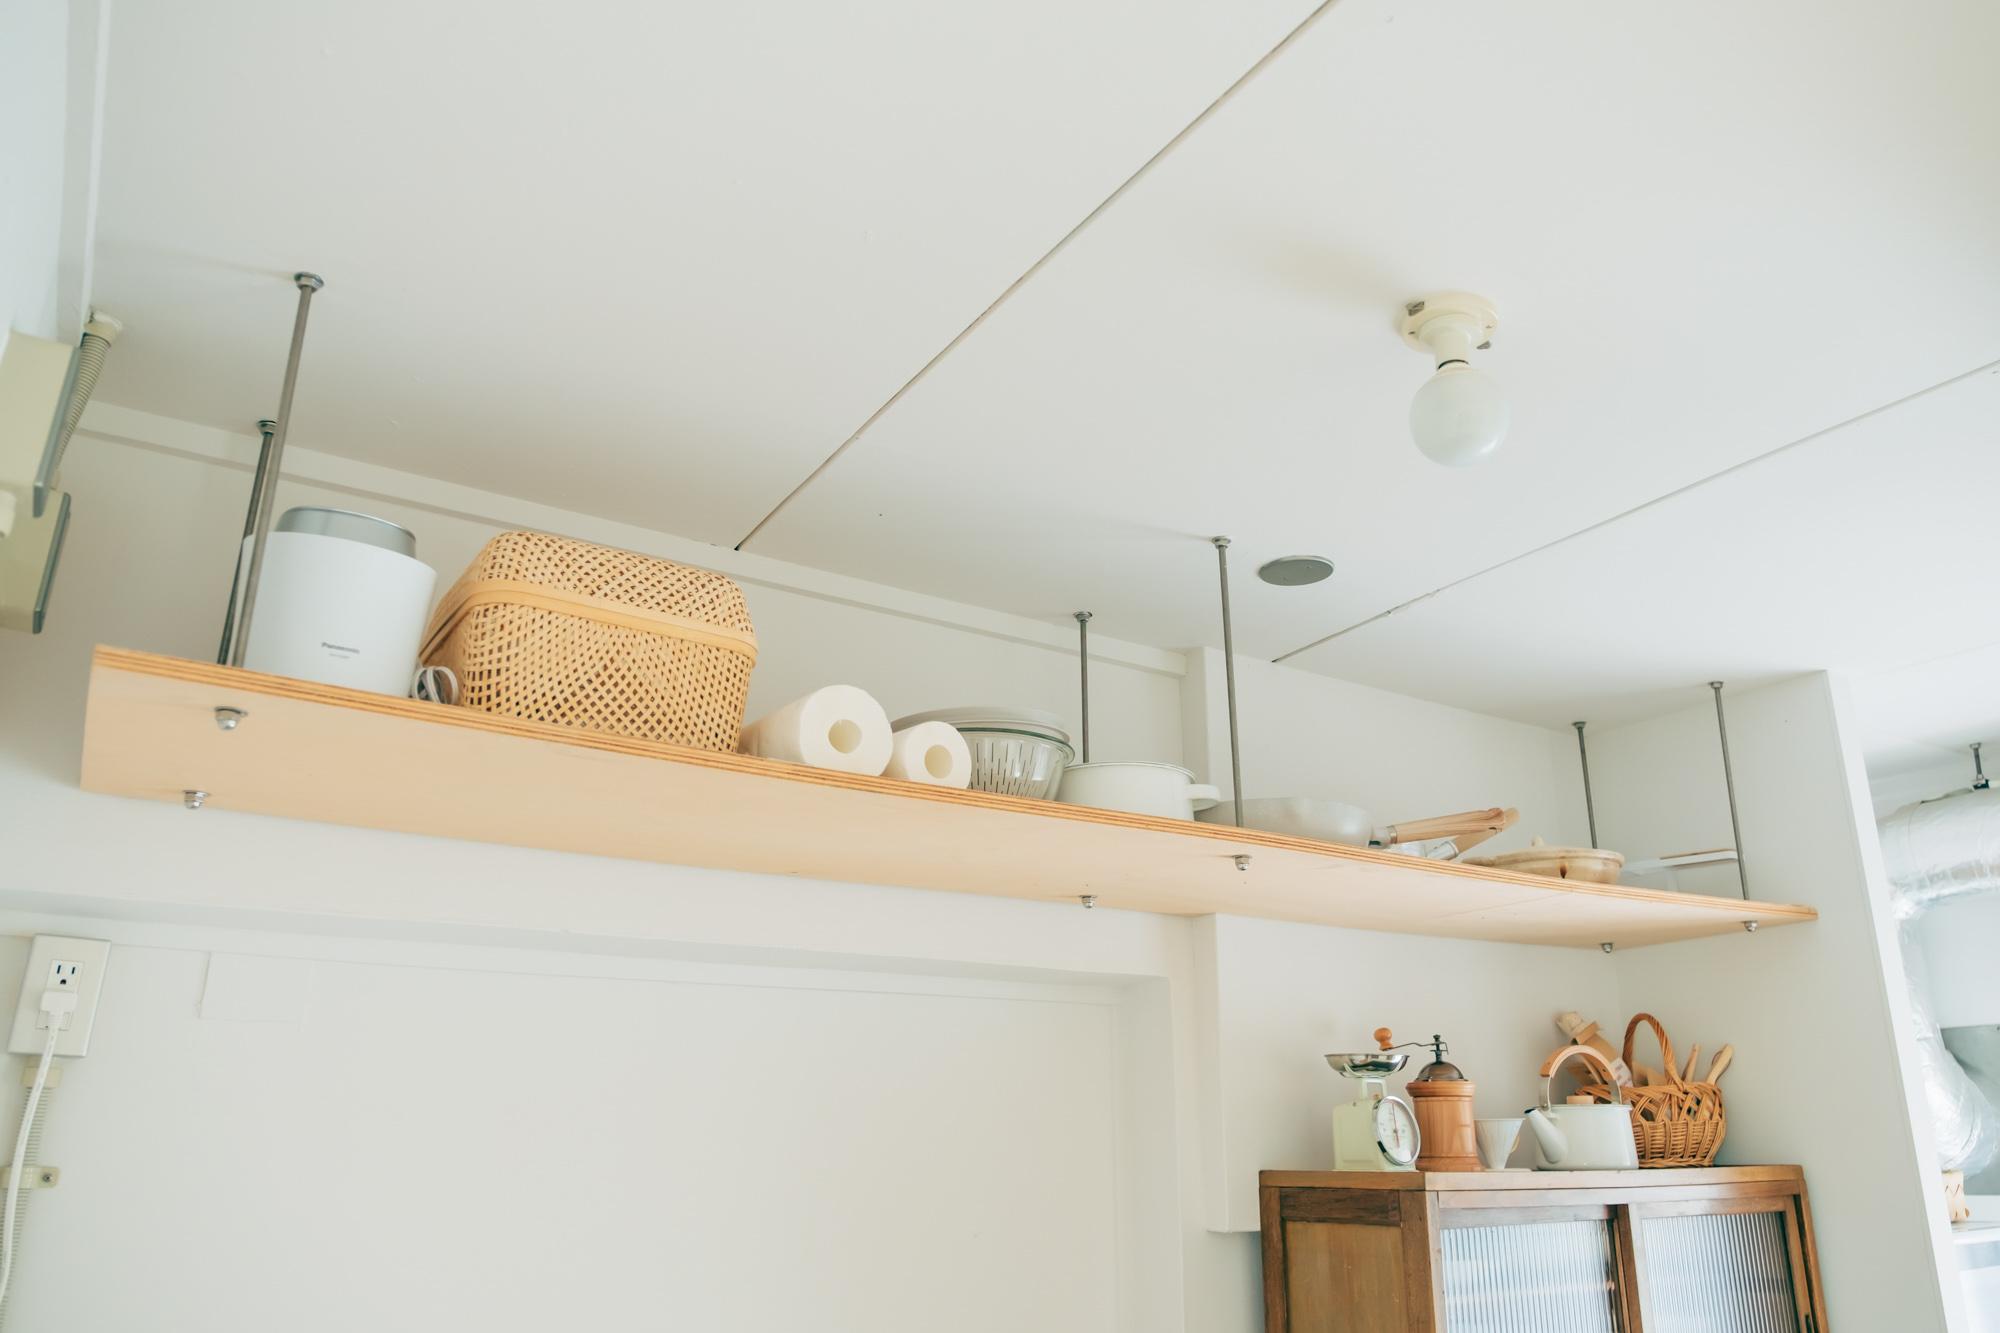 上部の「小天井」も収納としてうまく活用していらっしゃいます。